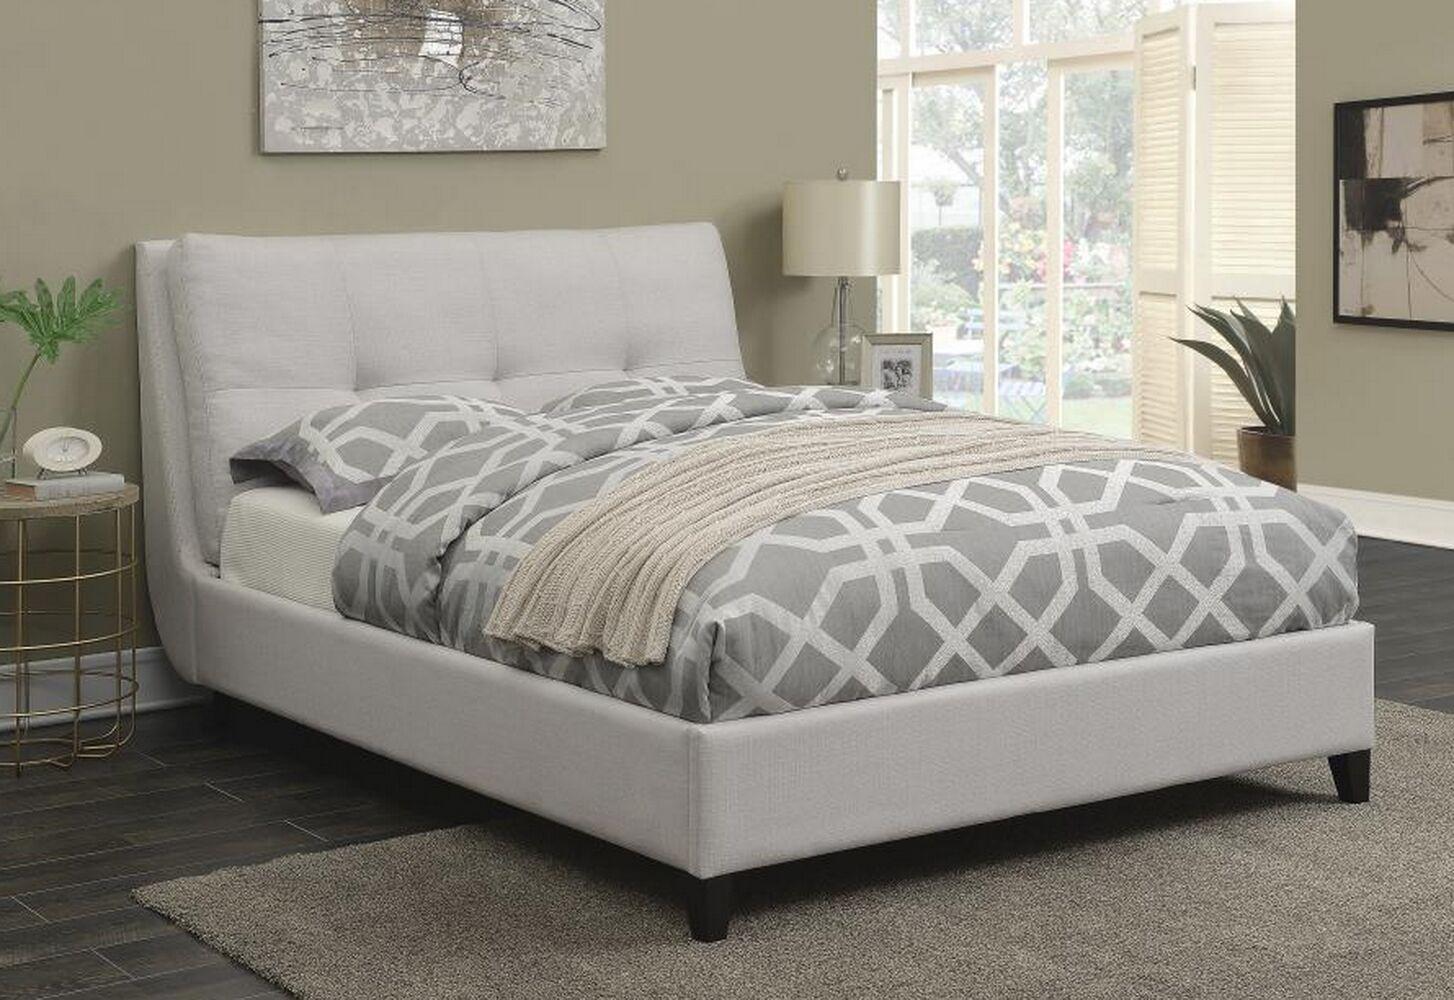 Horrocks Upholstered Platform Bed Size: Queen